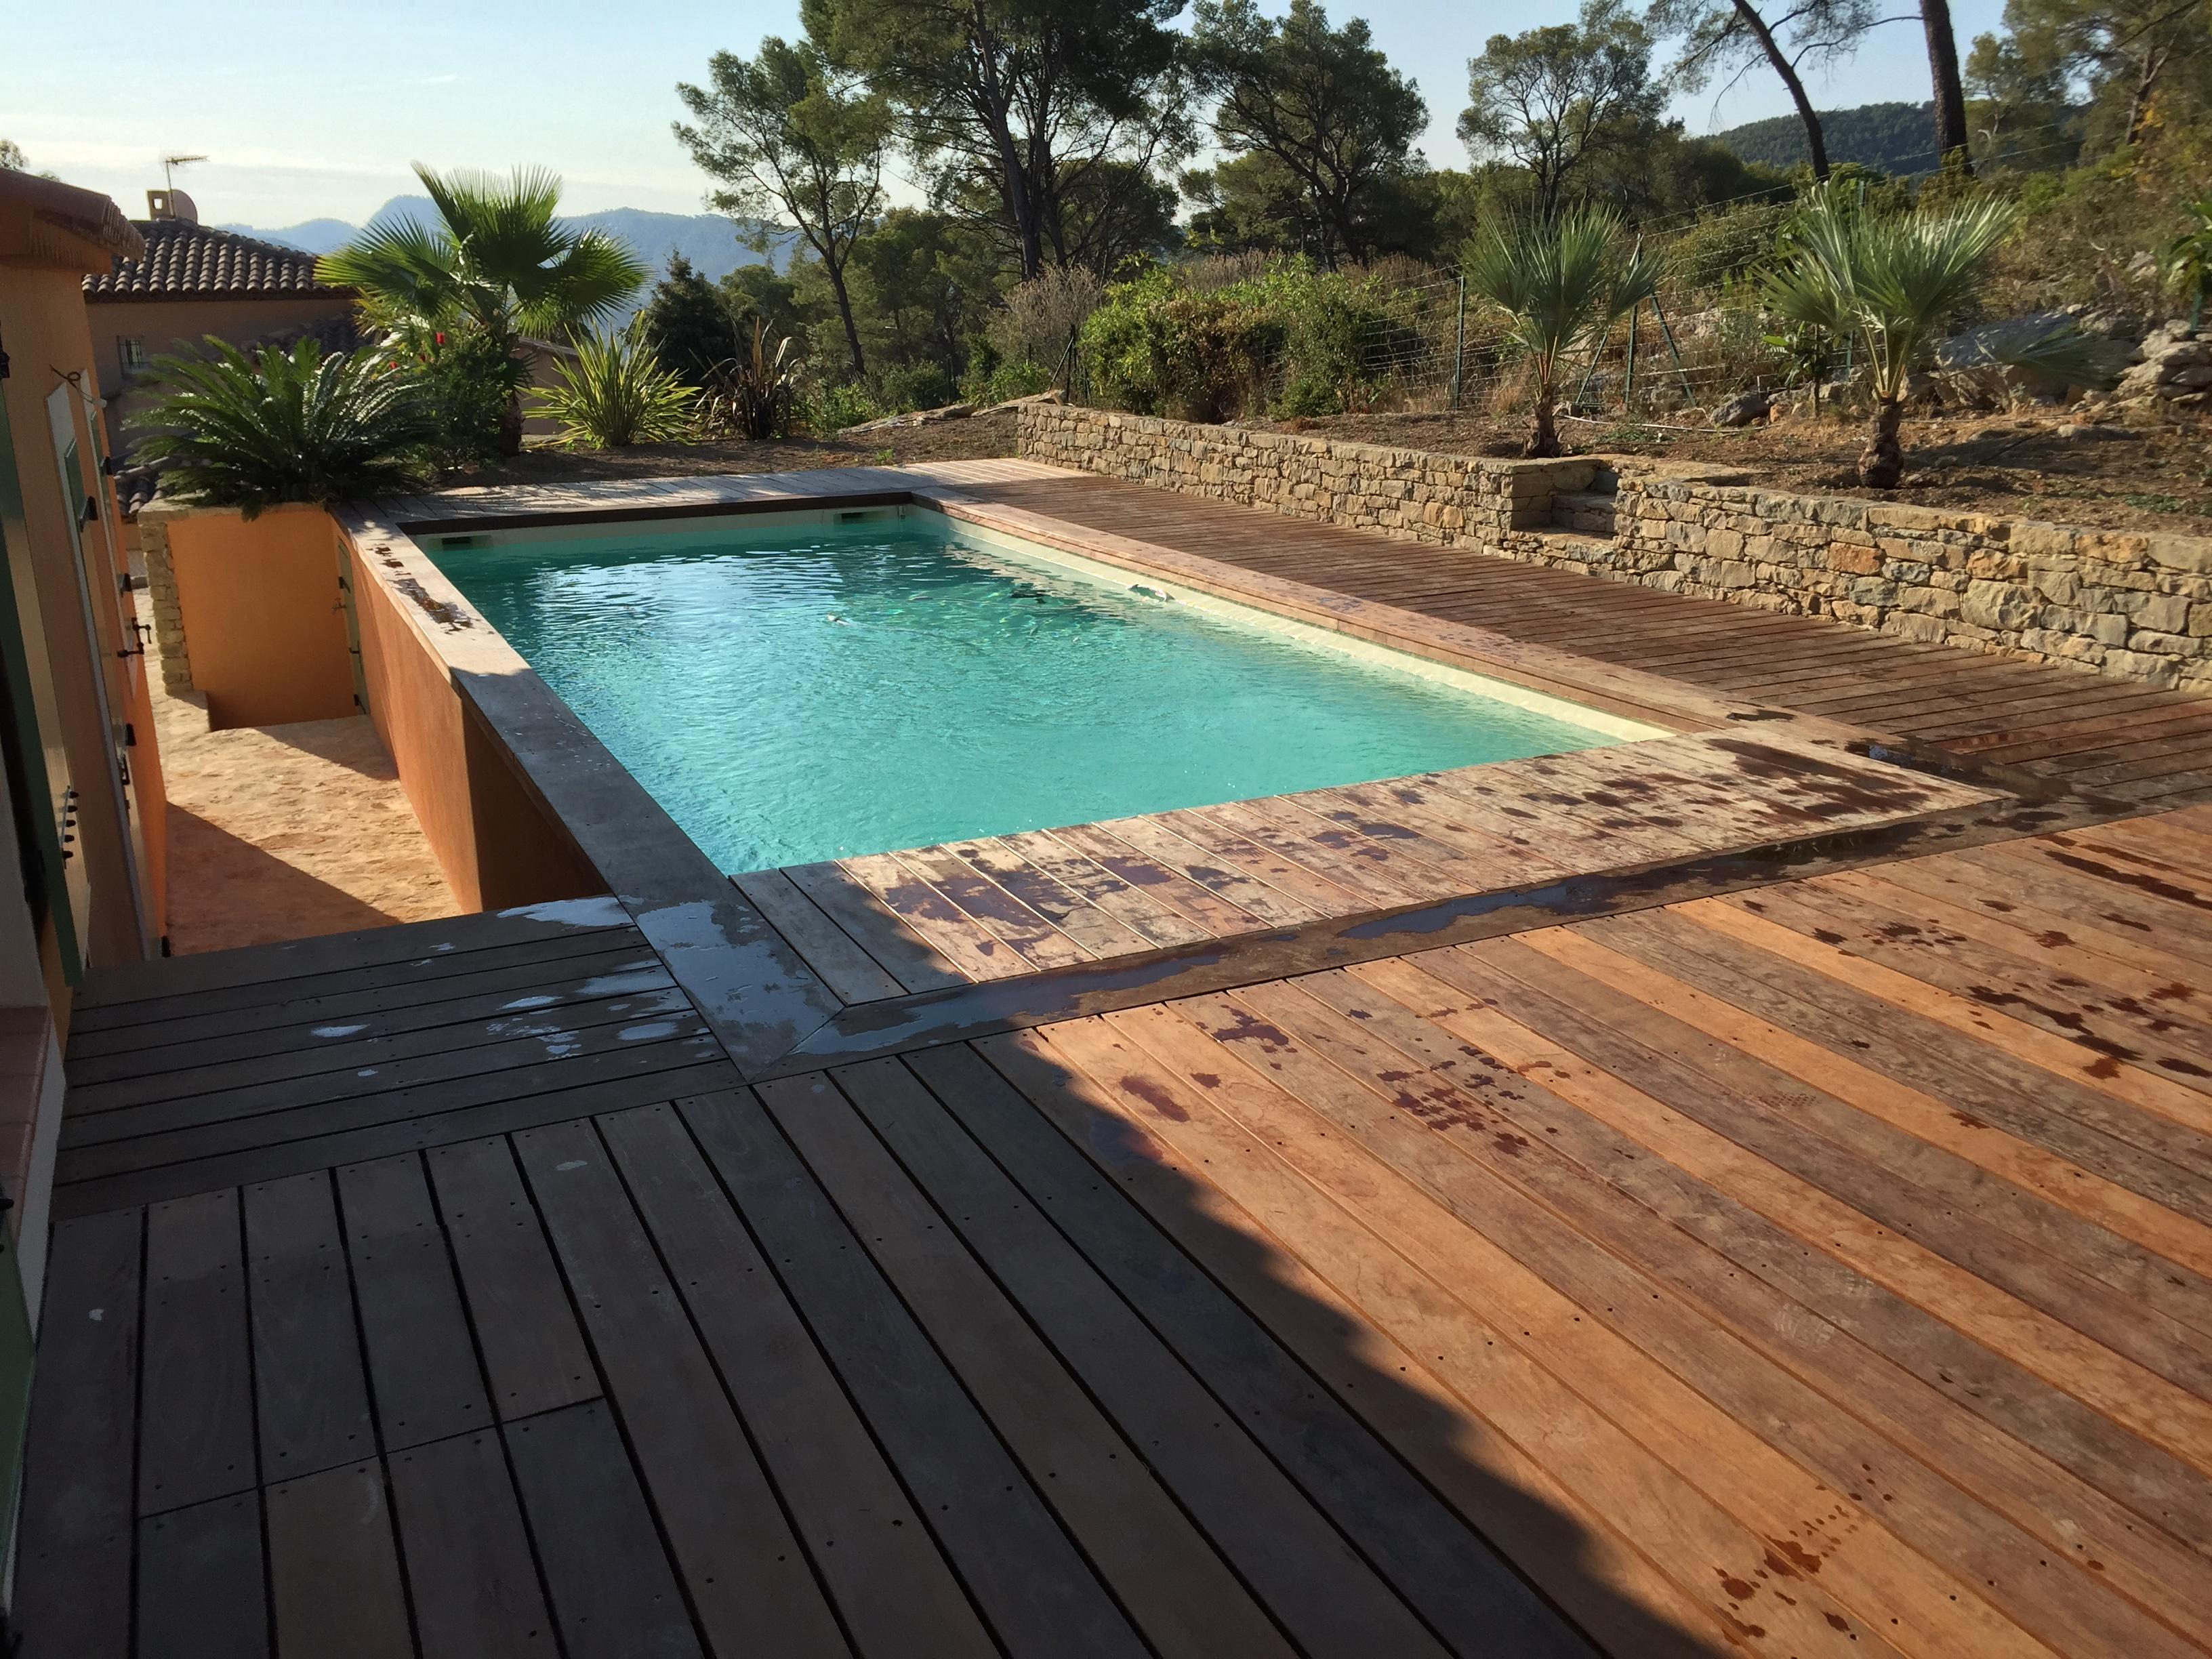 Piscine toutes options en b ton et pvc arm la cadi re d for Construction piscine 85